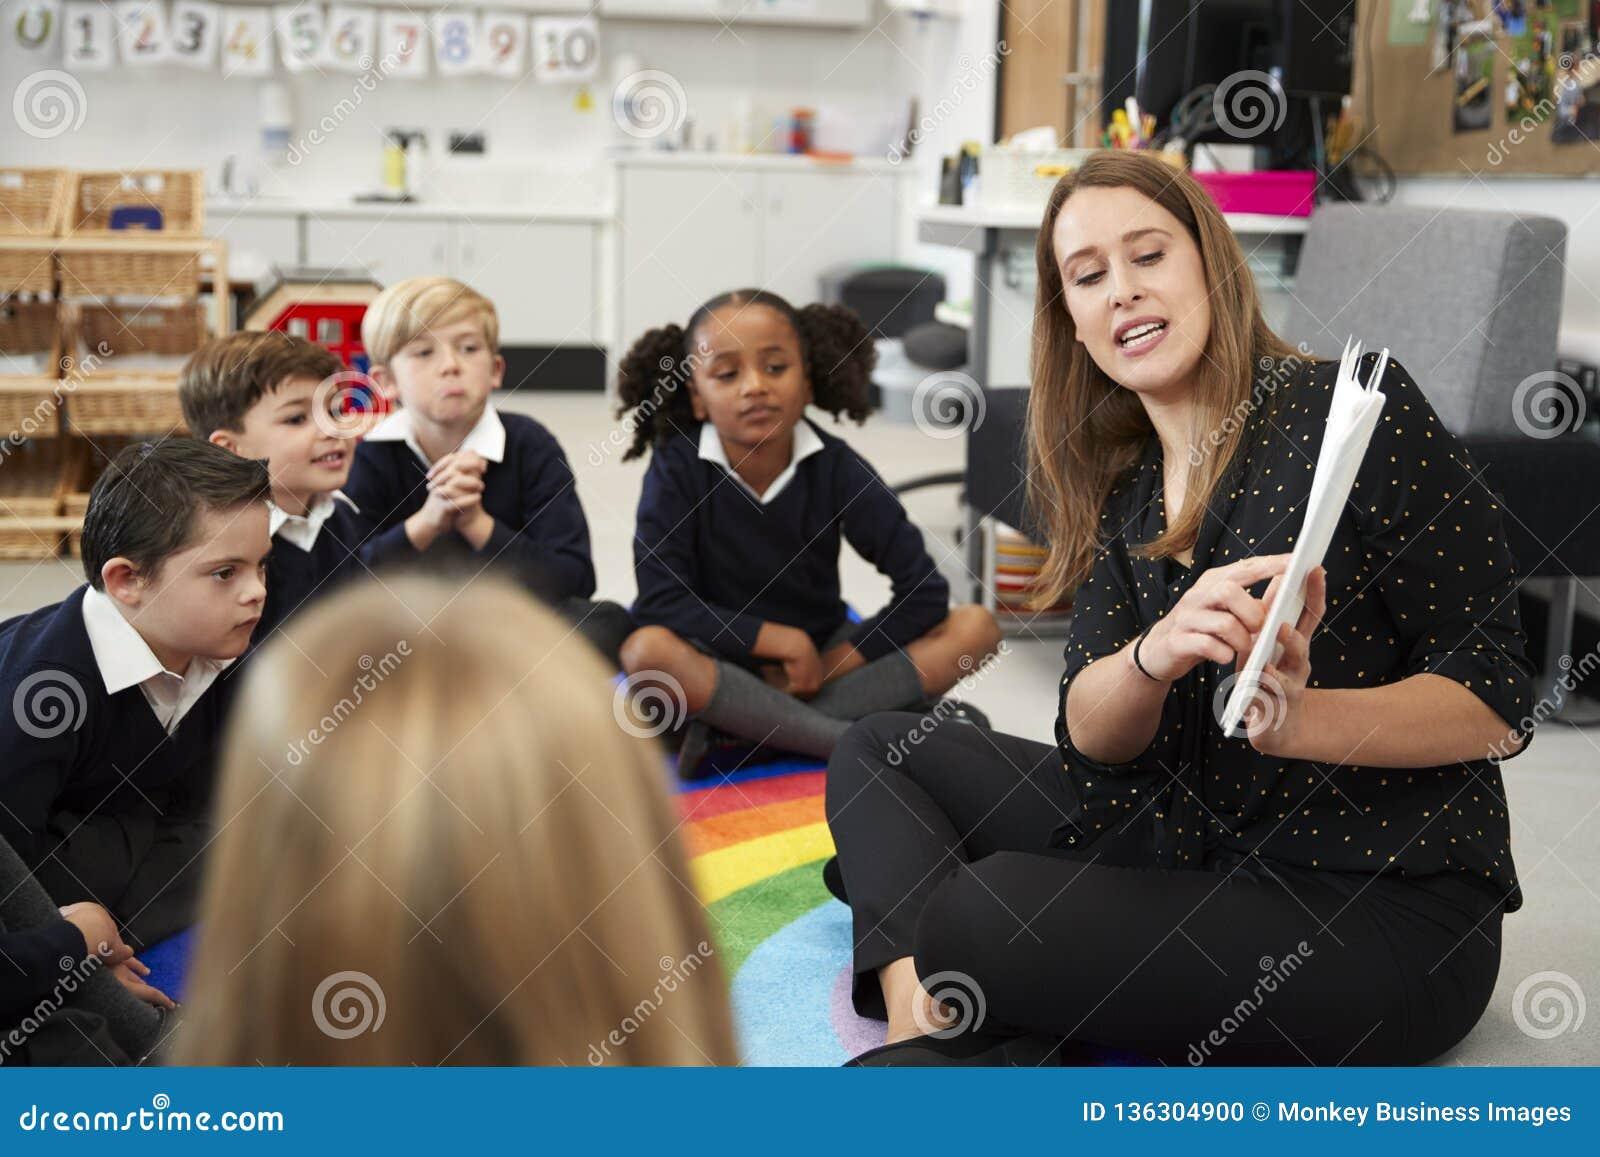 Młody żeński szkoła podstawowa nauczyciel czyta książkę dzieci siedzi na podłodze w sali lekcyjnej, selekcyjna ostrość